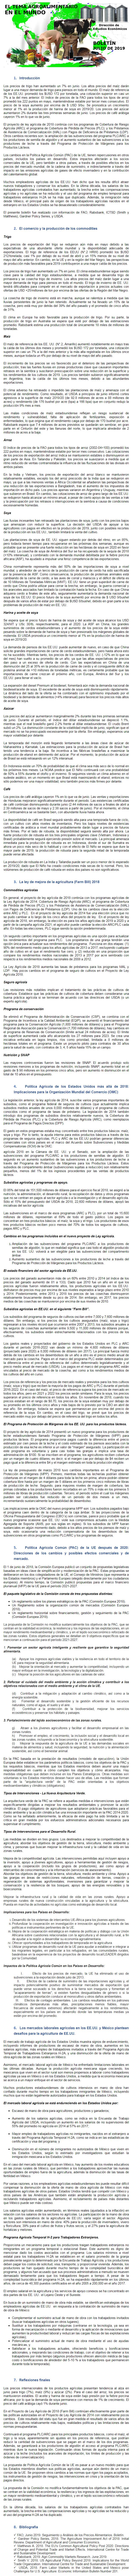 BOLETÍN: EL TEMA AGROALIMENTARIO EN EL MUNDO, JULIO DE 2019